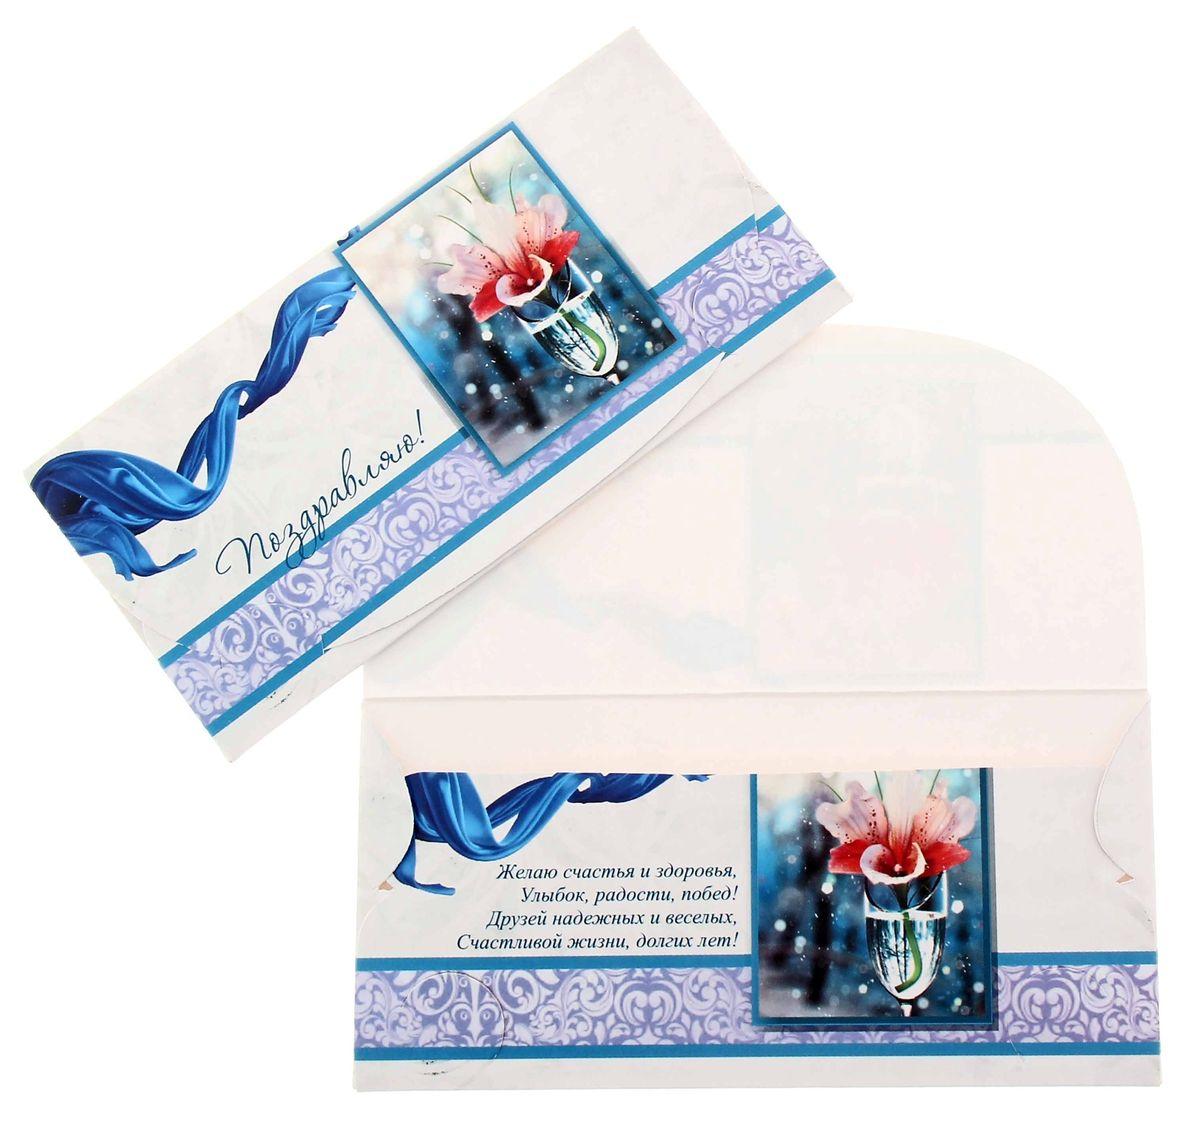 Конверт для денег Поздравляю!. 191177191177Конверт для денег Поздравляю! выполнен из плотного картона и украшен яркой картинкой, соответствующей событию, для которого предназначен. Это необычная красивая одежка для денежного подарка, а так же отличная возможность сделать его более праздничным и создать прекрасное настроение! Конверт Поздравляю! - идеальное решение, если вы хотите подарить деньги.